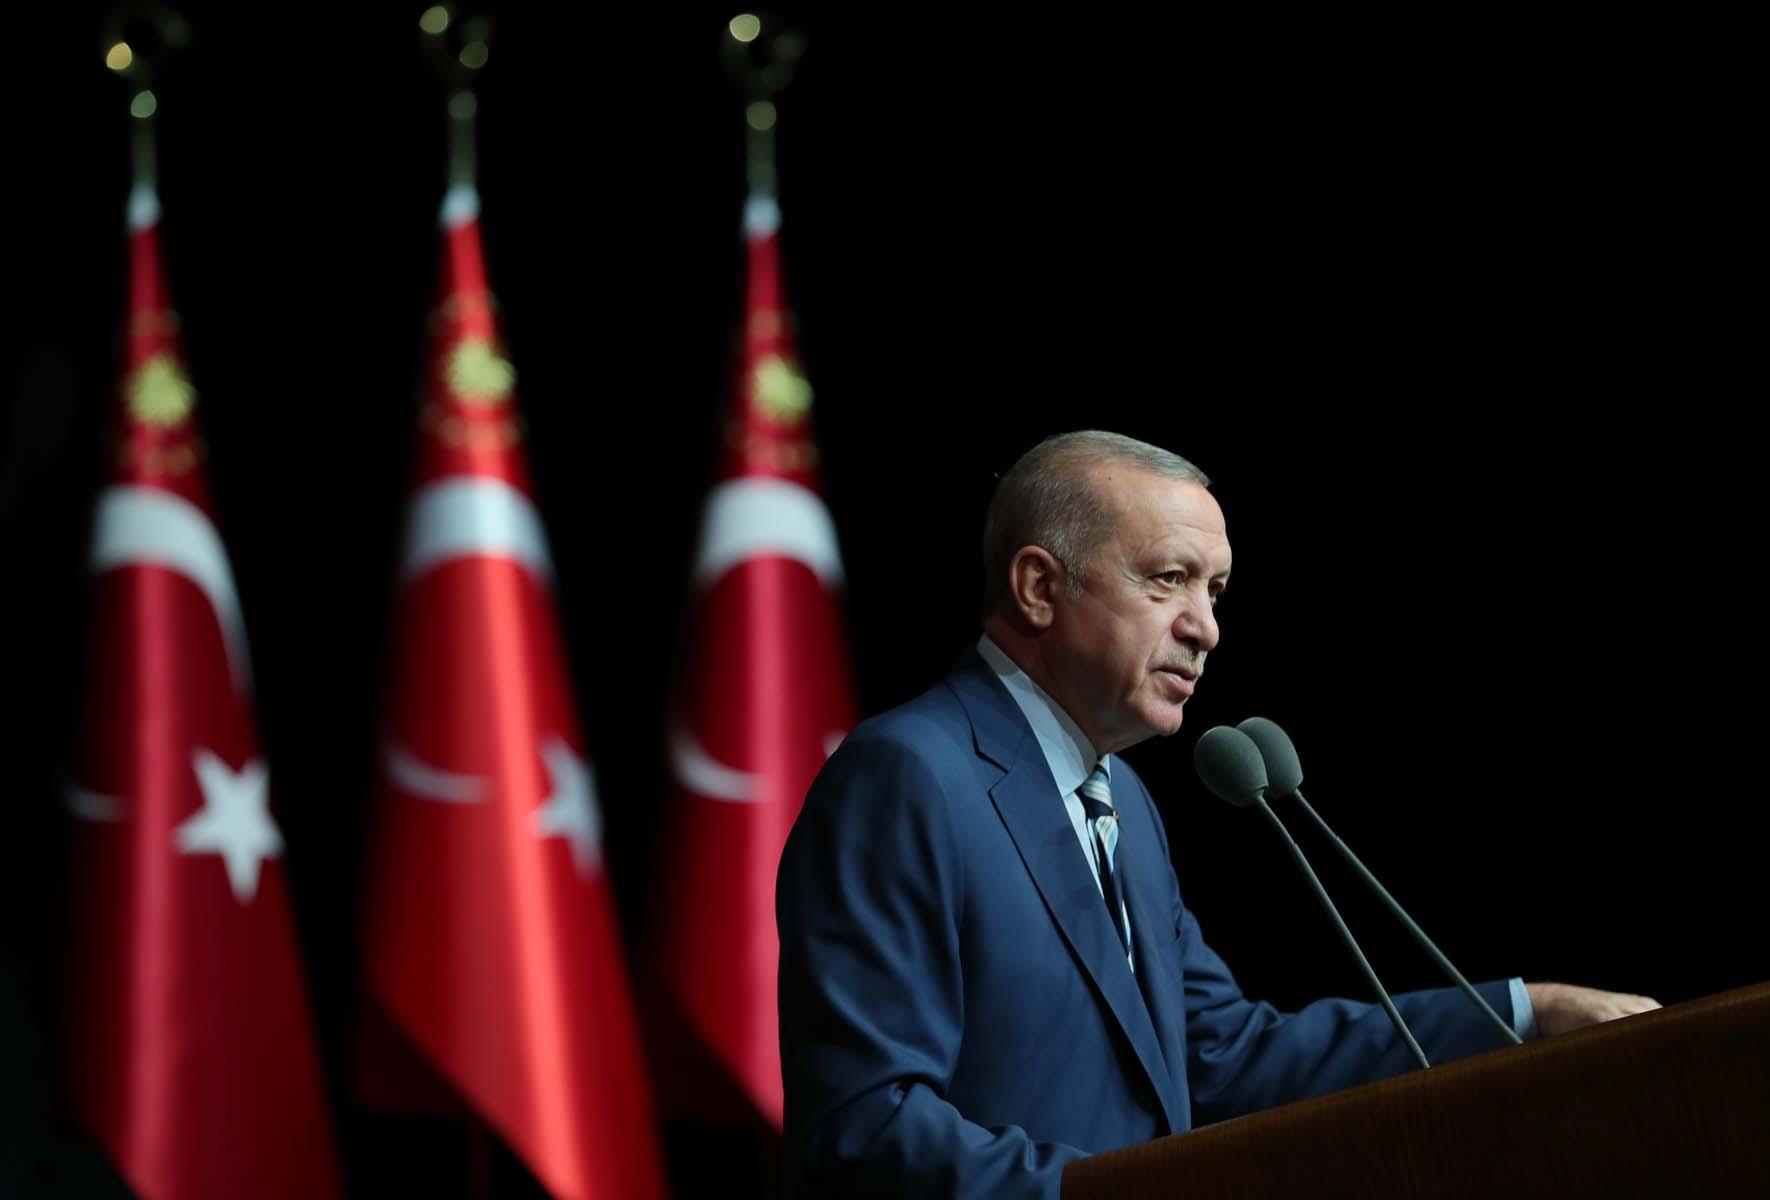 Son dakika | Cumhurbaşkanı Erdoğan'dan Küresel Koronavirüs Zirvesi'ne videolu mesaj: Aşı adaylarımızı insanlığın kullanımına sunmayı taahhüt ediyoruz